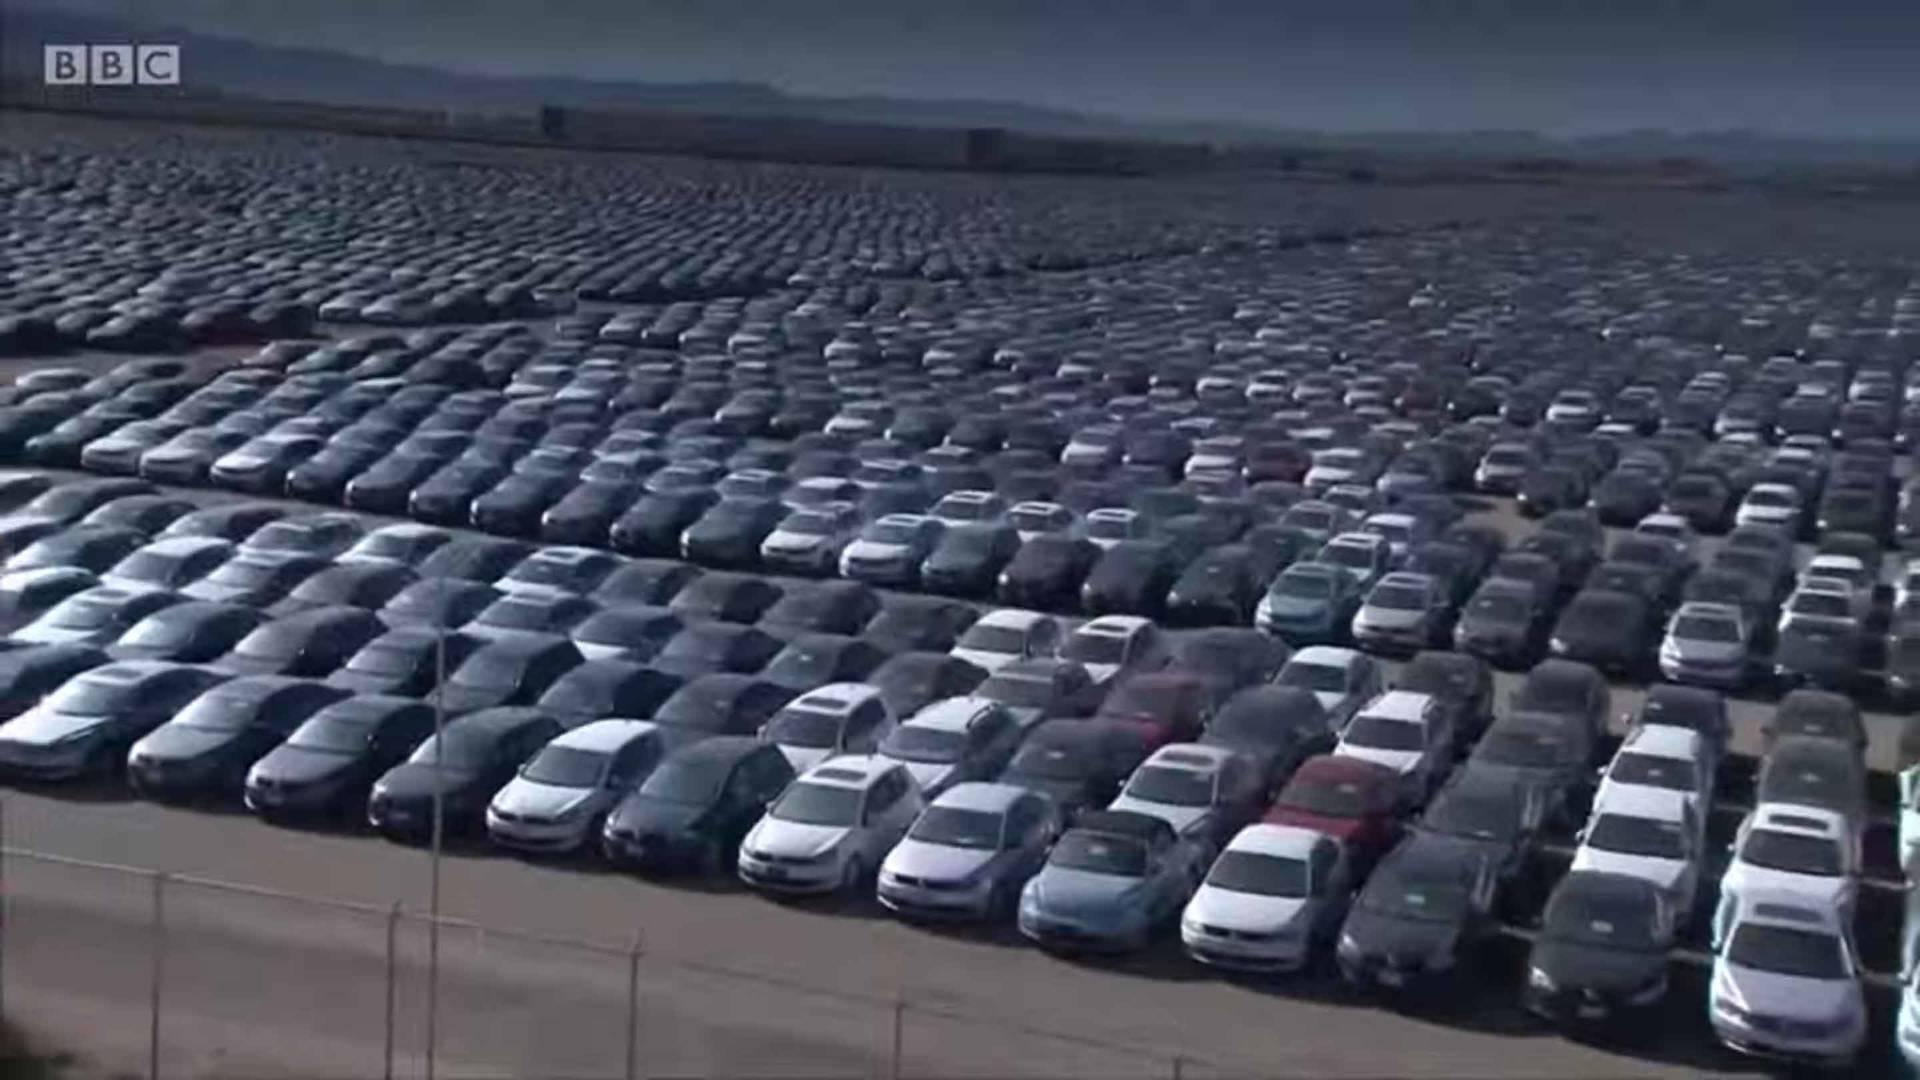 Vw Buyback Program >> Aerial Footage Shows Vw S Massive Diesel Vehicle Graveyard